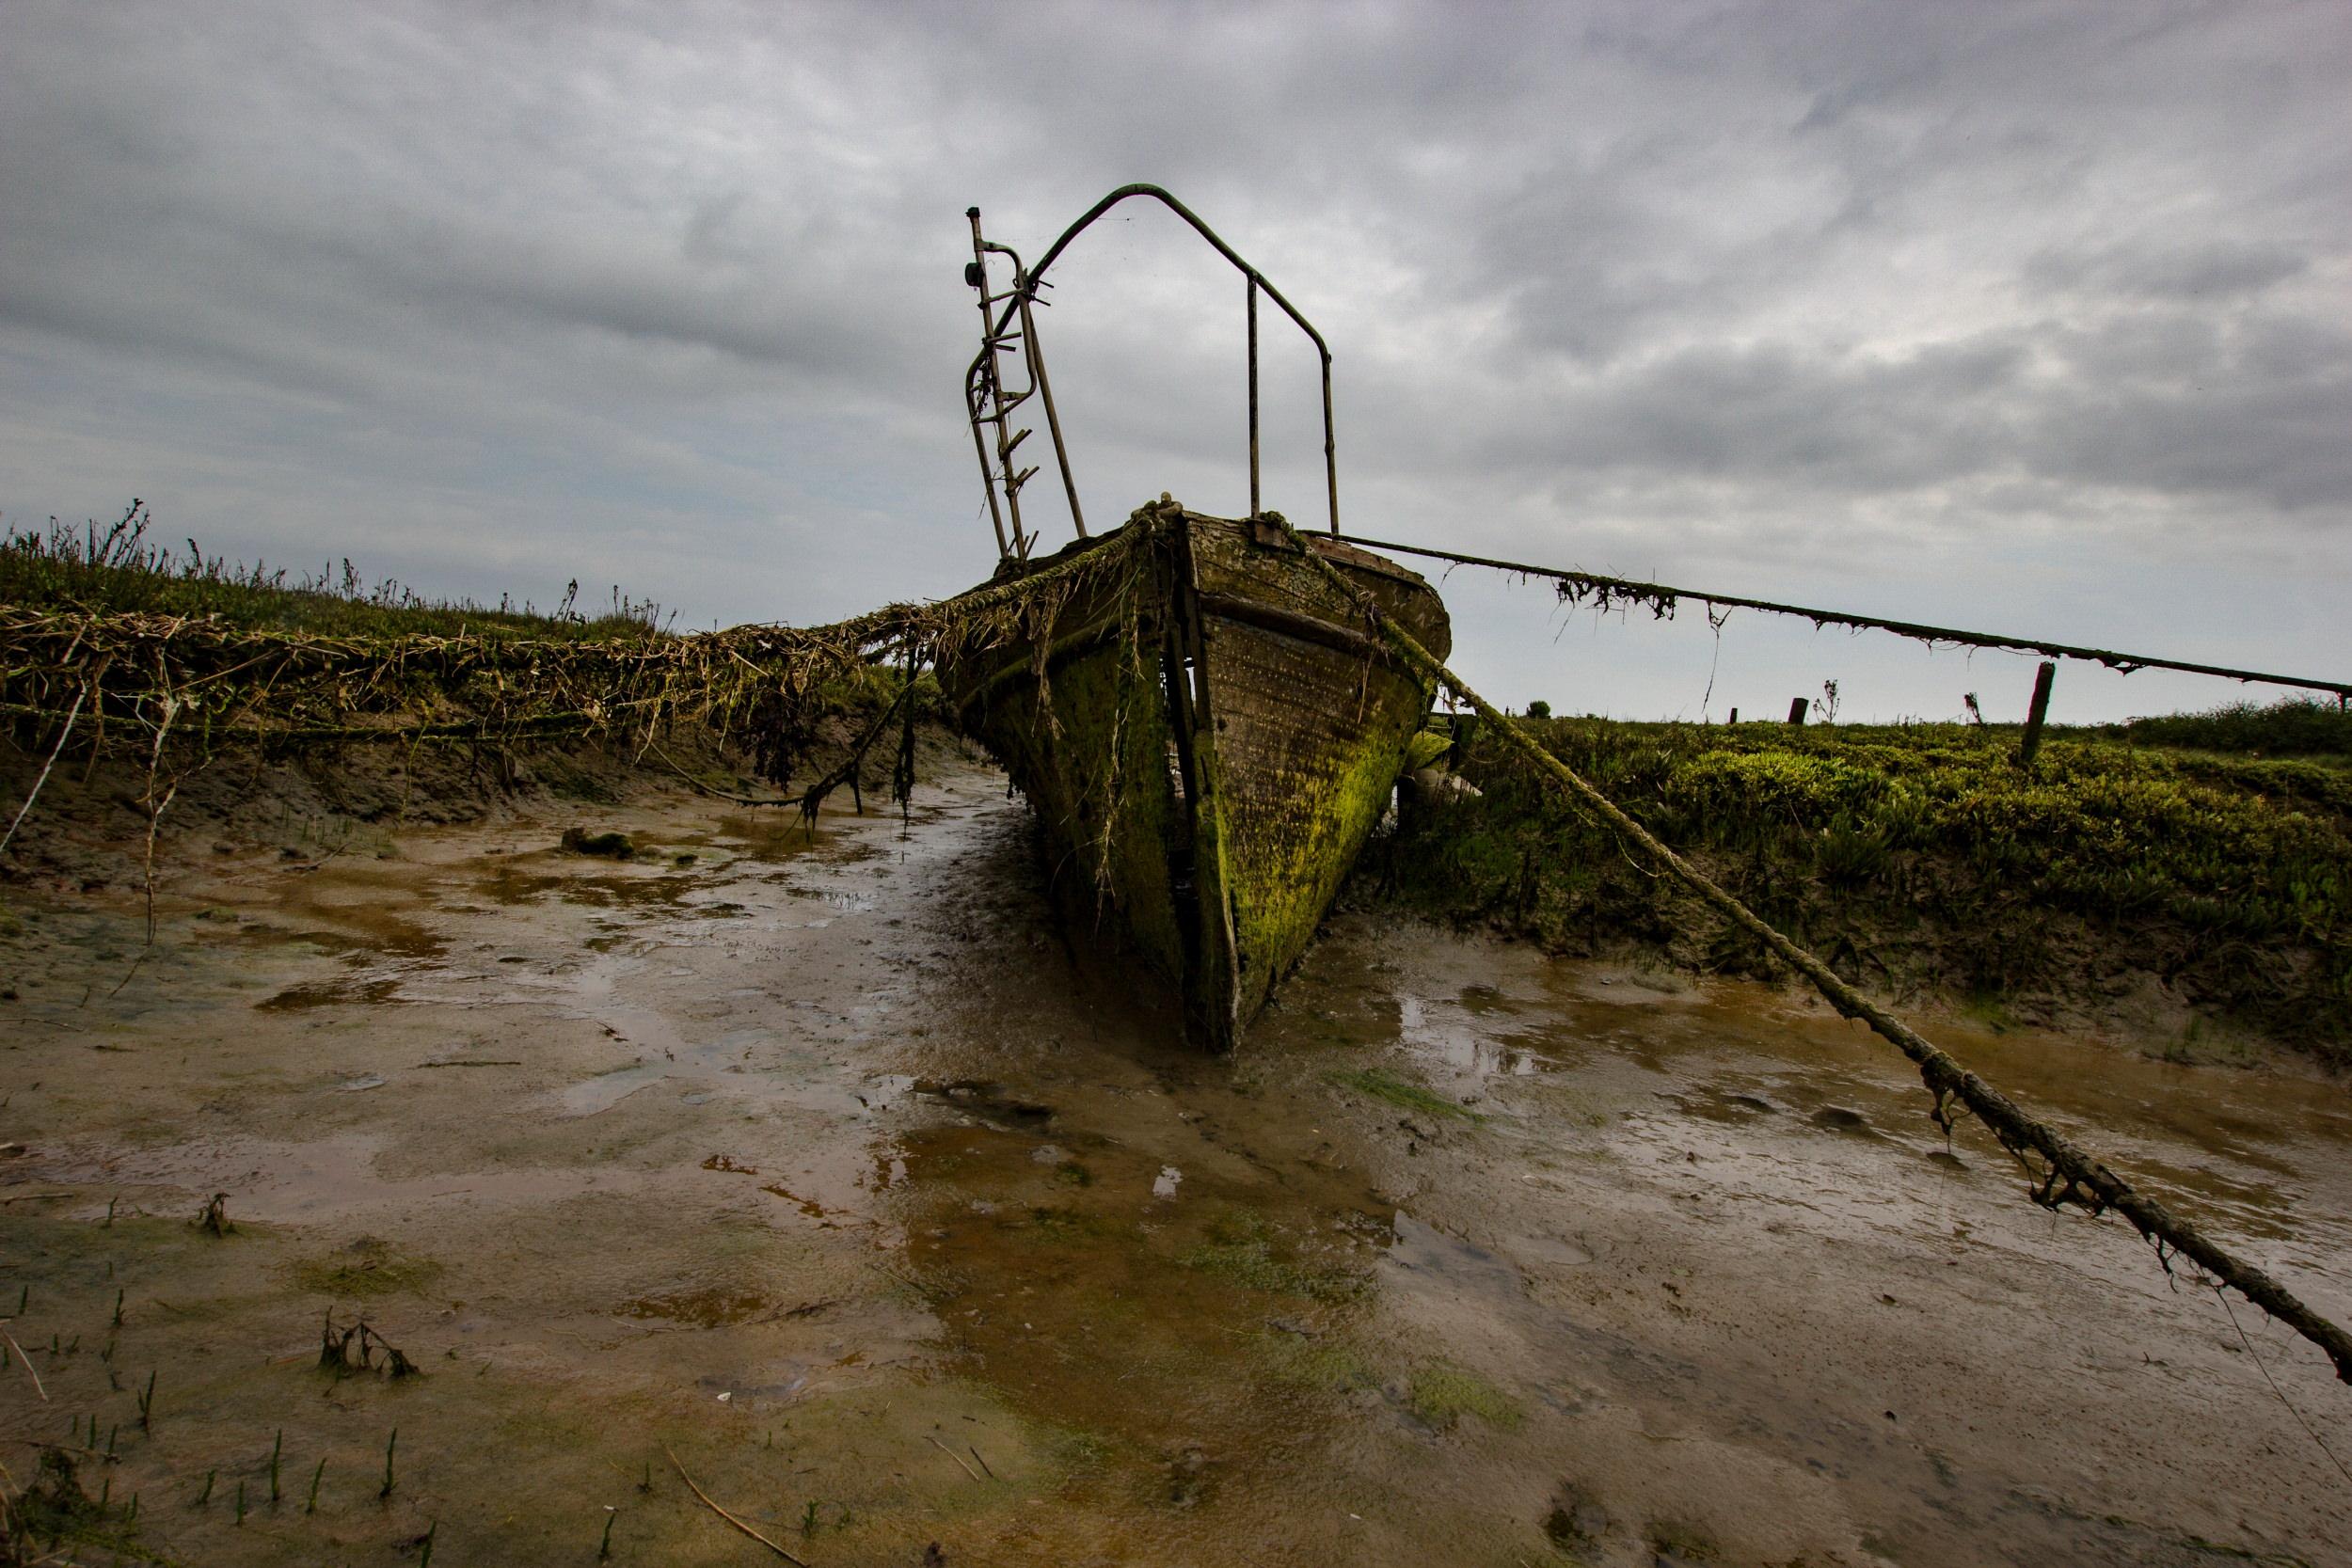 Tollesbury wrecks - 02